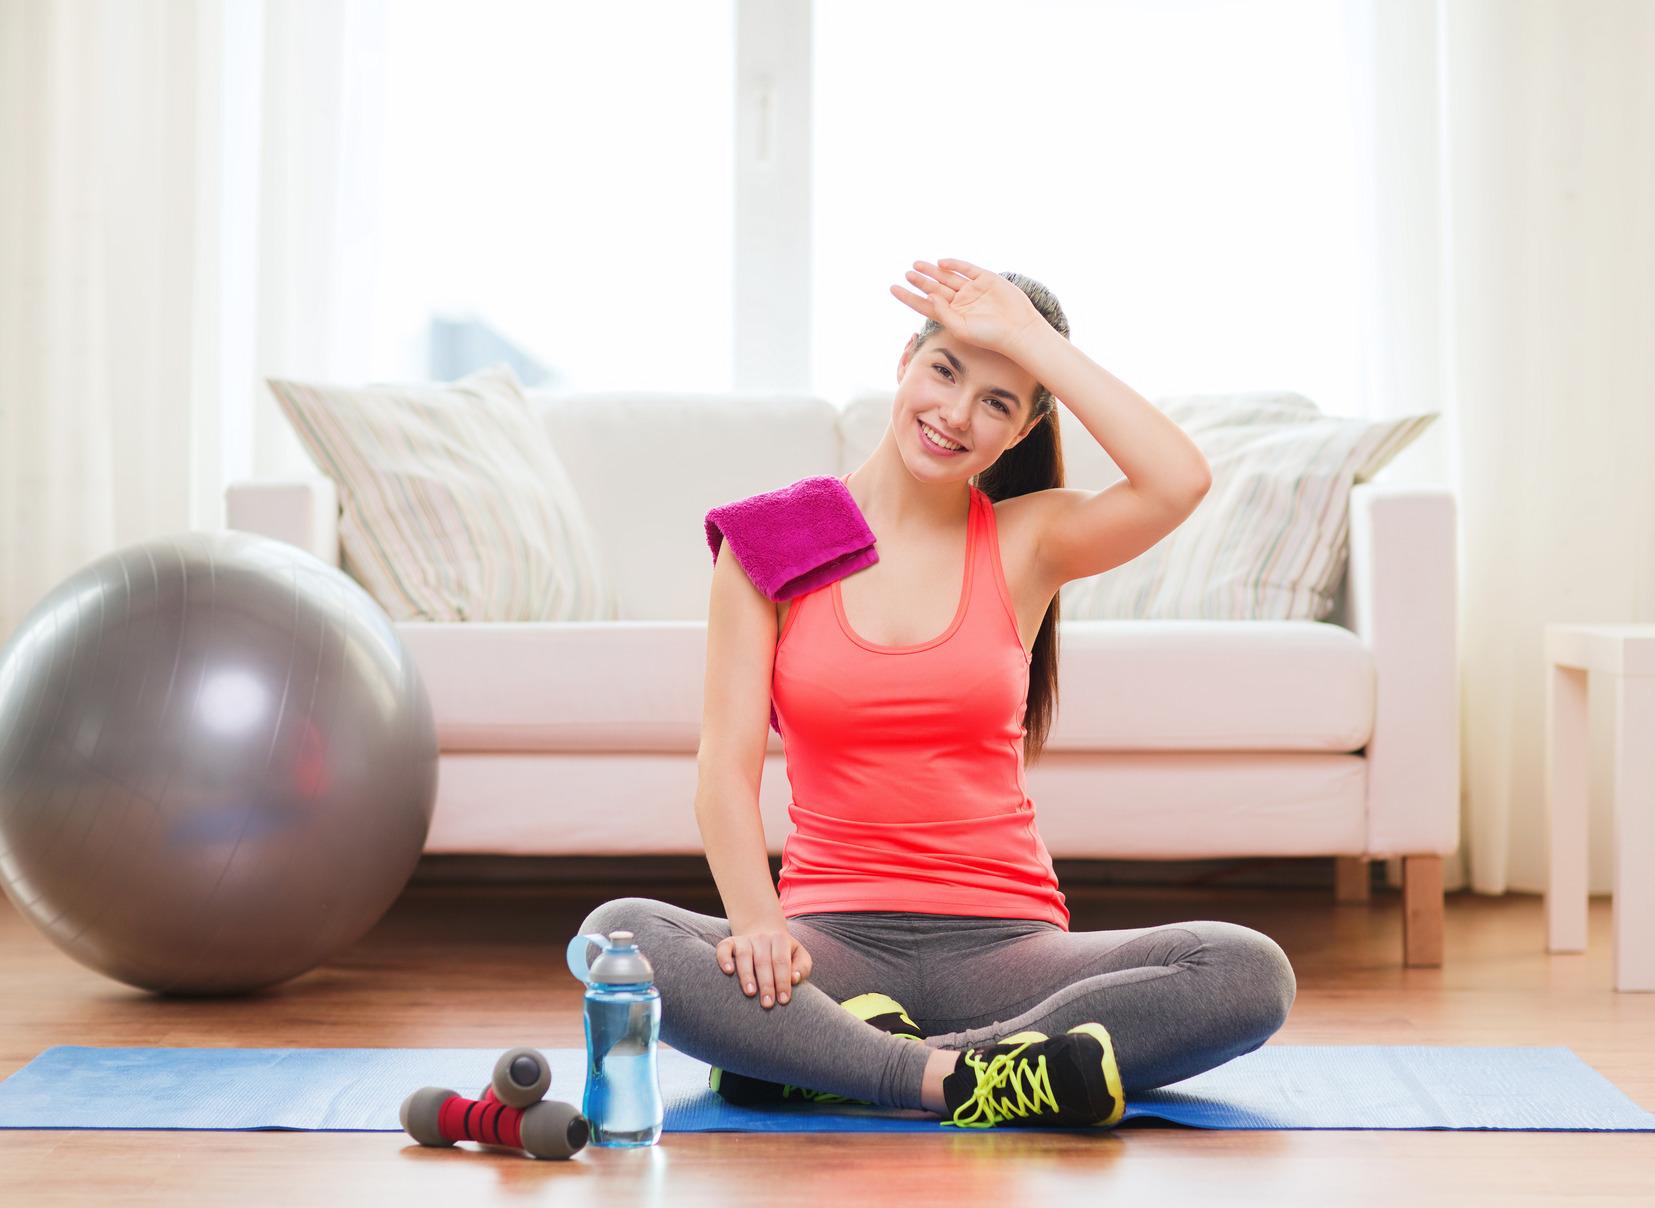 Sáu việc nên làm để duy trì sức khỏe khi phải ở nhà vì Covid-19 - 1